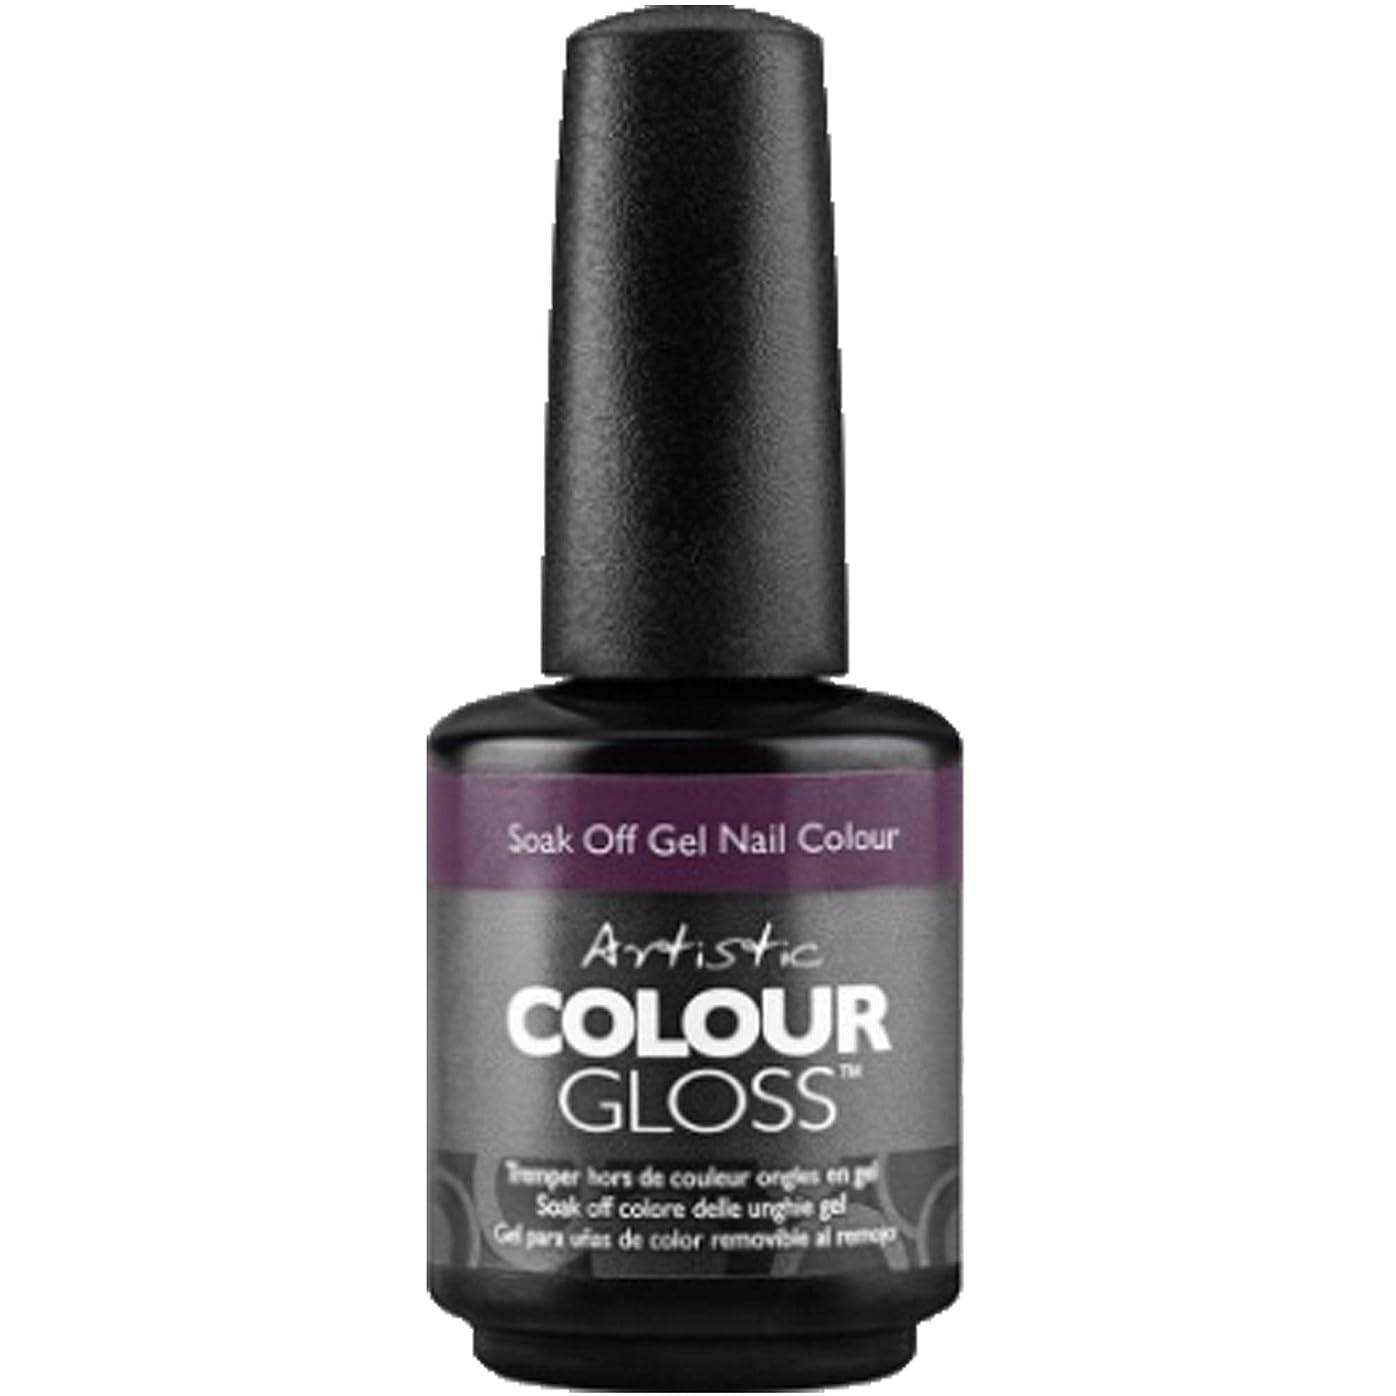 ナサニエル区潤滑する波Artistic Colour Gloss - No If's, And's or Buttons - 0.5oz / 15ml